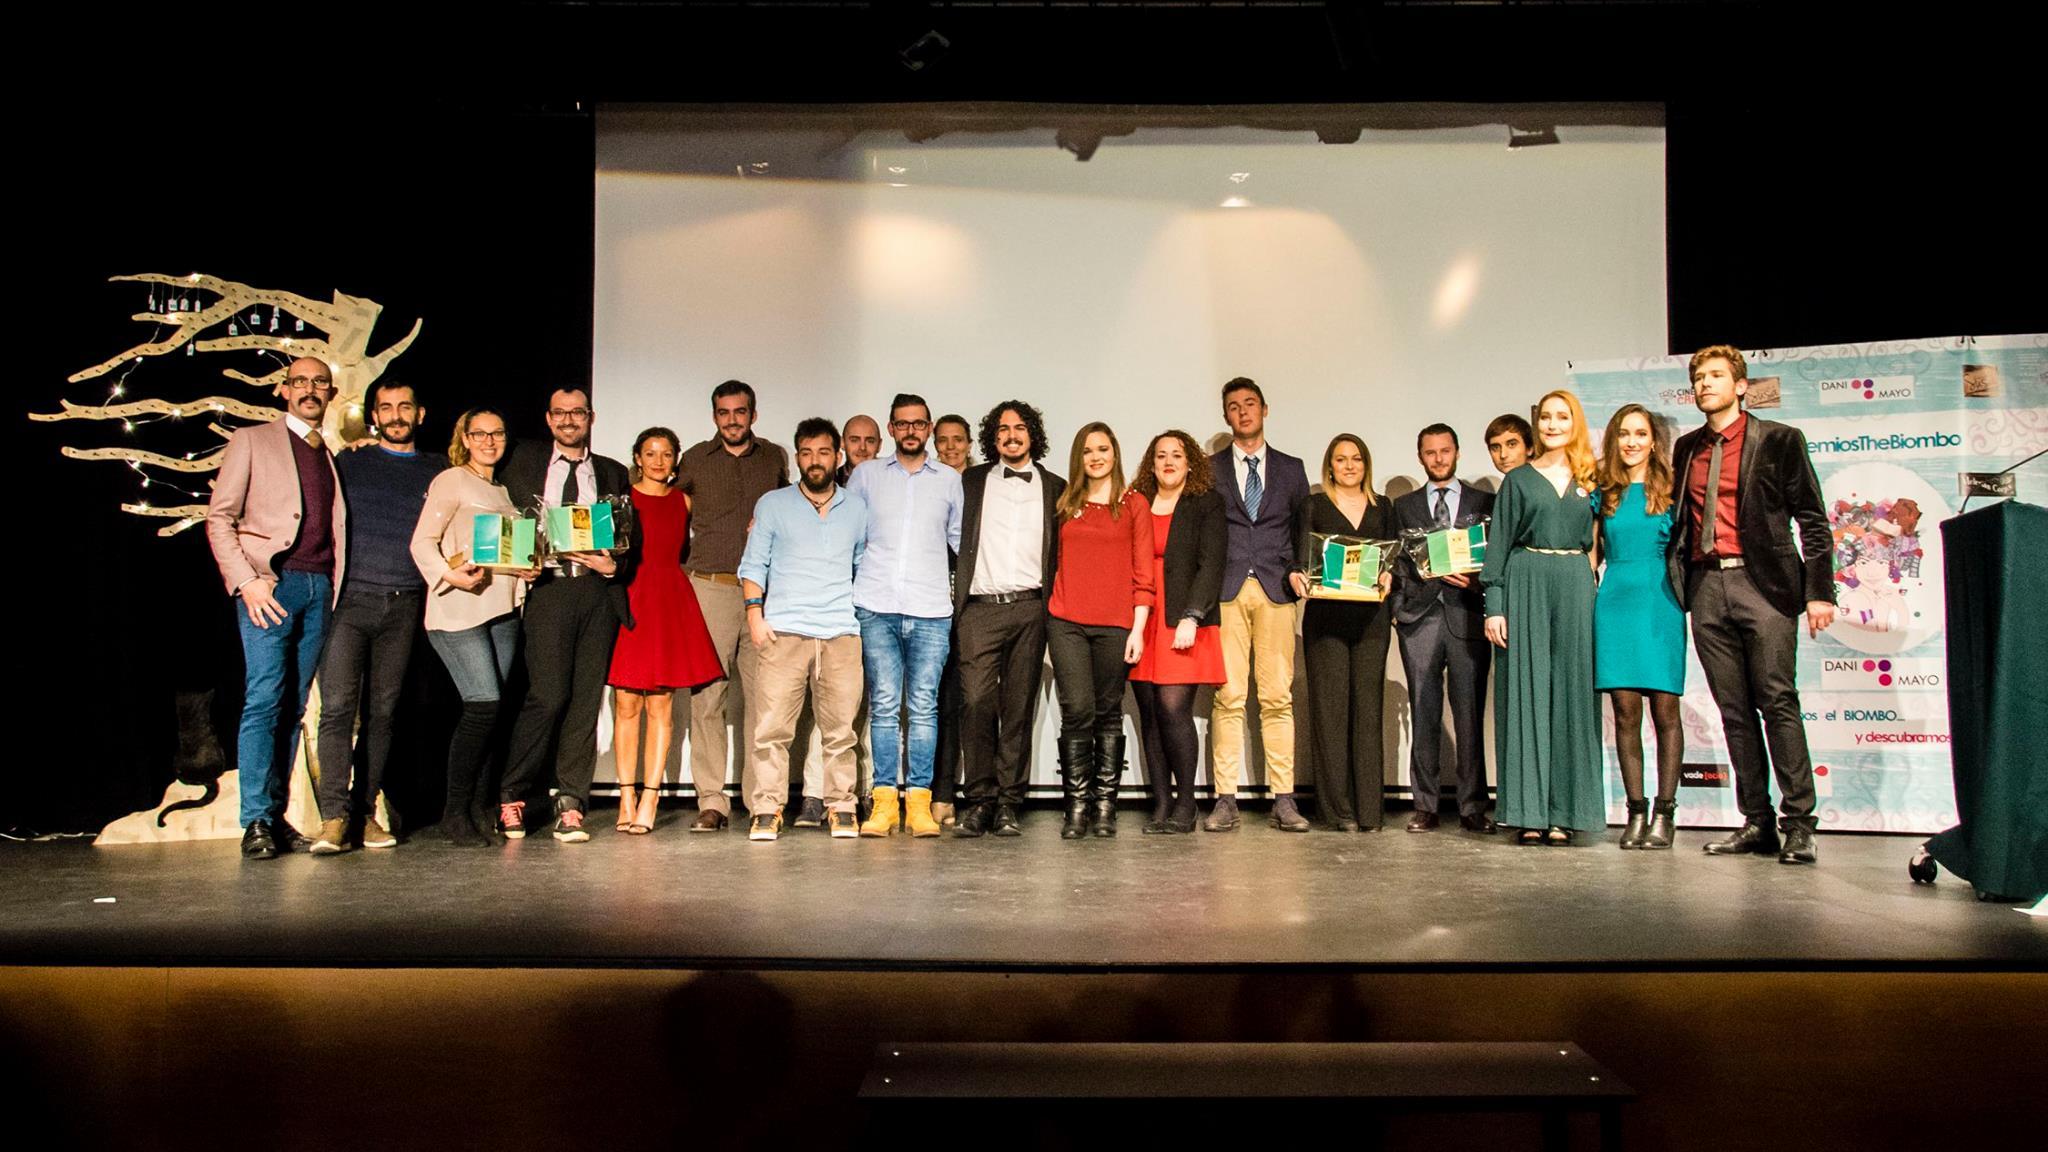 Premiados en la Gala de premios the biombo